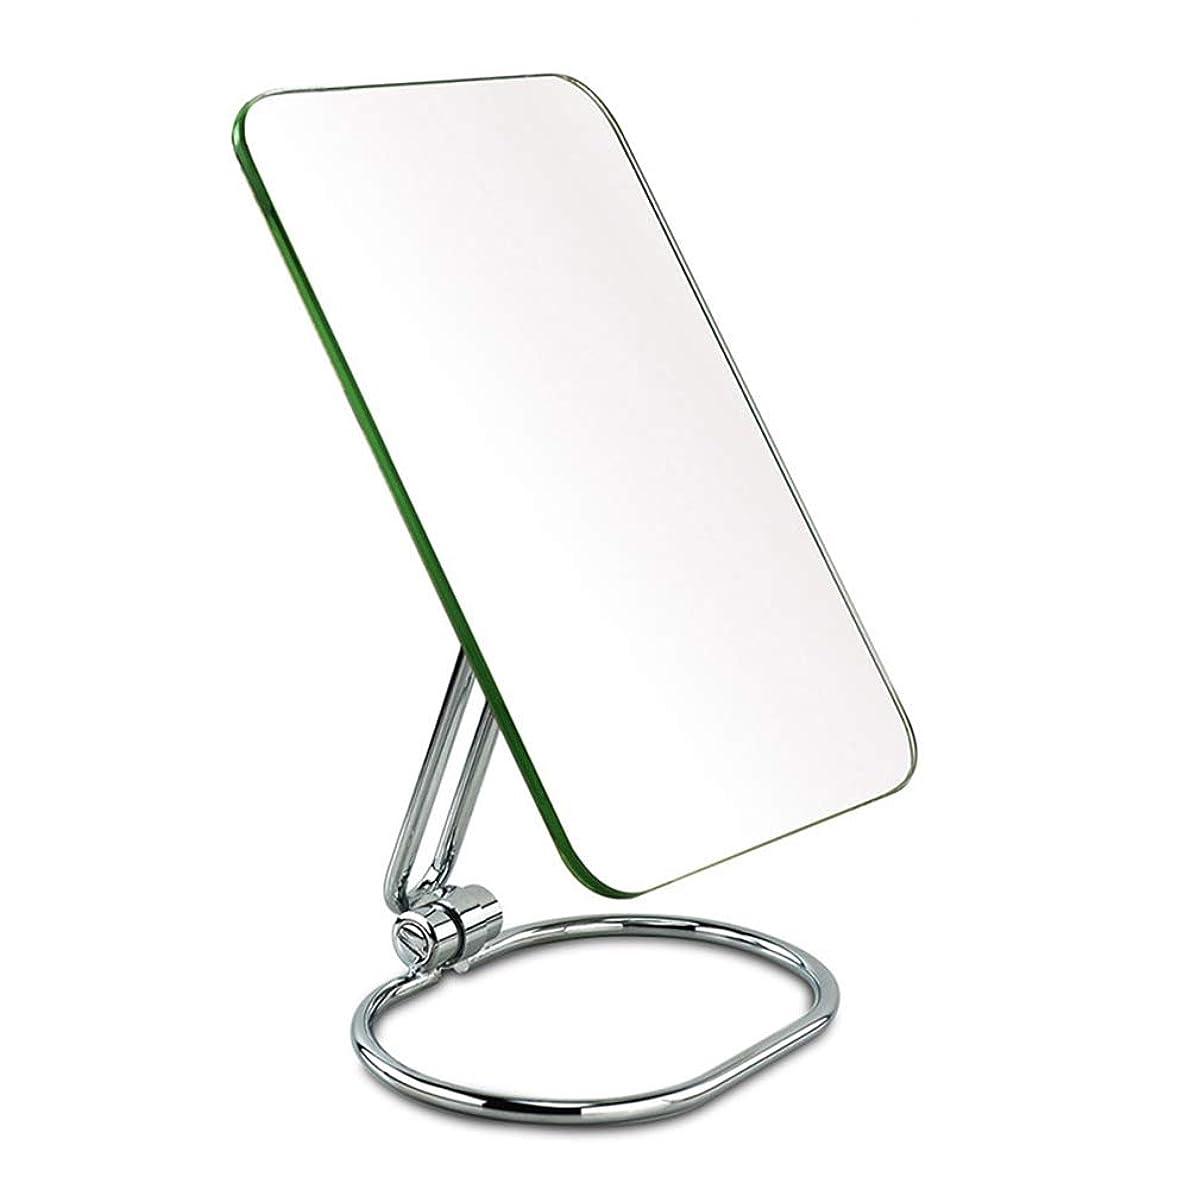 ワードローブ汚染された対応ポータブル片面折りたたみミラーミラーデスクトップステンレススチールミラードレッシングテーブルミラー化粧鏡